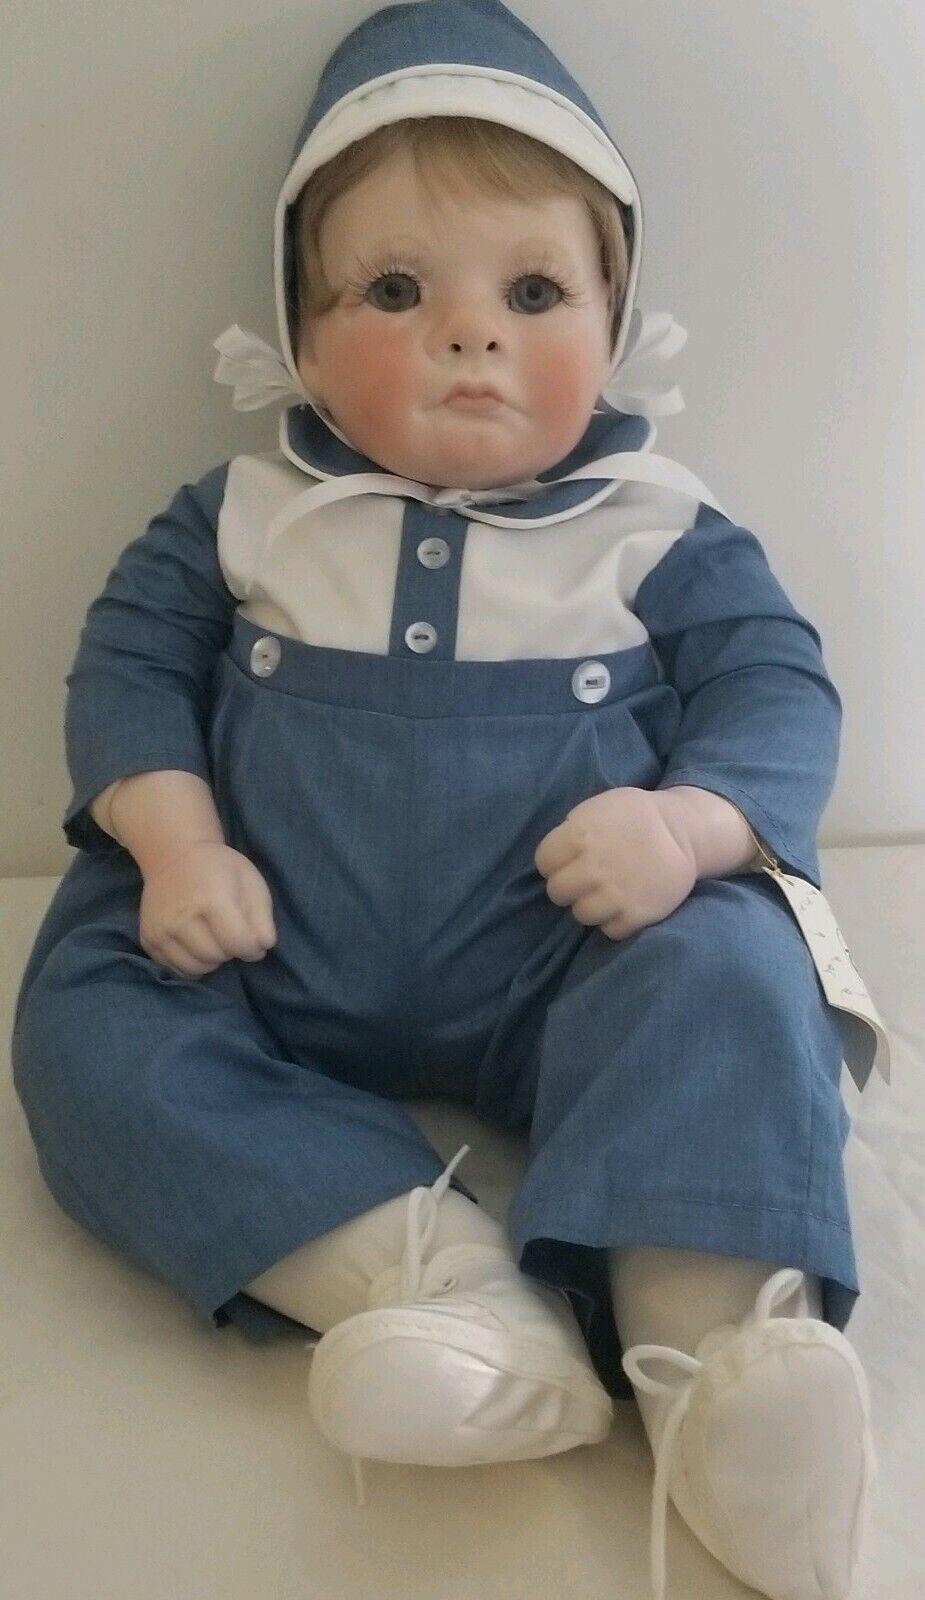 Judith Turner porcelin suave con cuerpo de 20   Baby Teri  Muñeca firmado 7-2-87 Rara